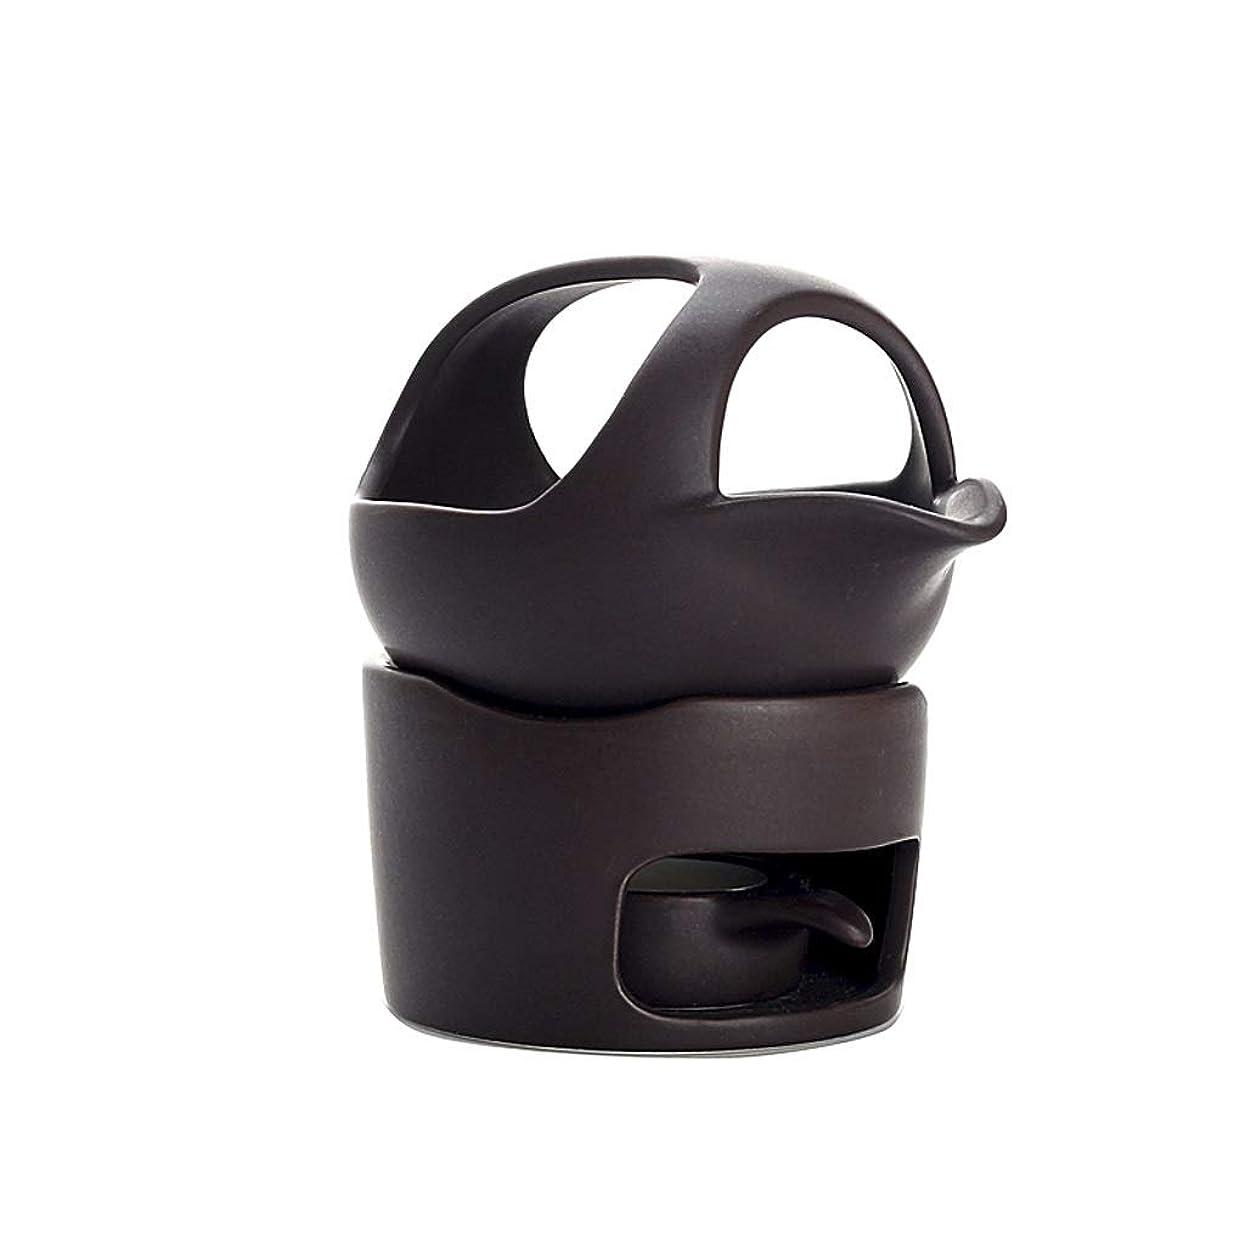 問題道液体ホームアロマバーナー セラミックお香バーナースモークティーストーブウェイクアップお茶お香バーナー陶器お茶セットアクセサリーお香ホルダー アロマバーナー (Color : Black, サイズ : 12.5cm)